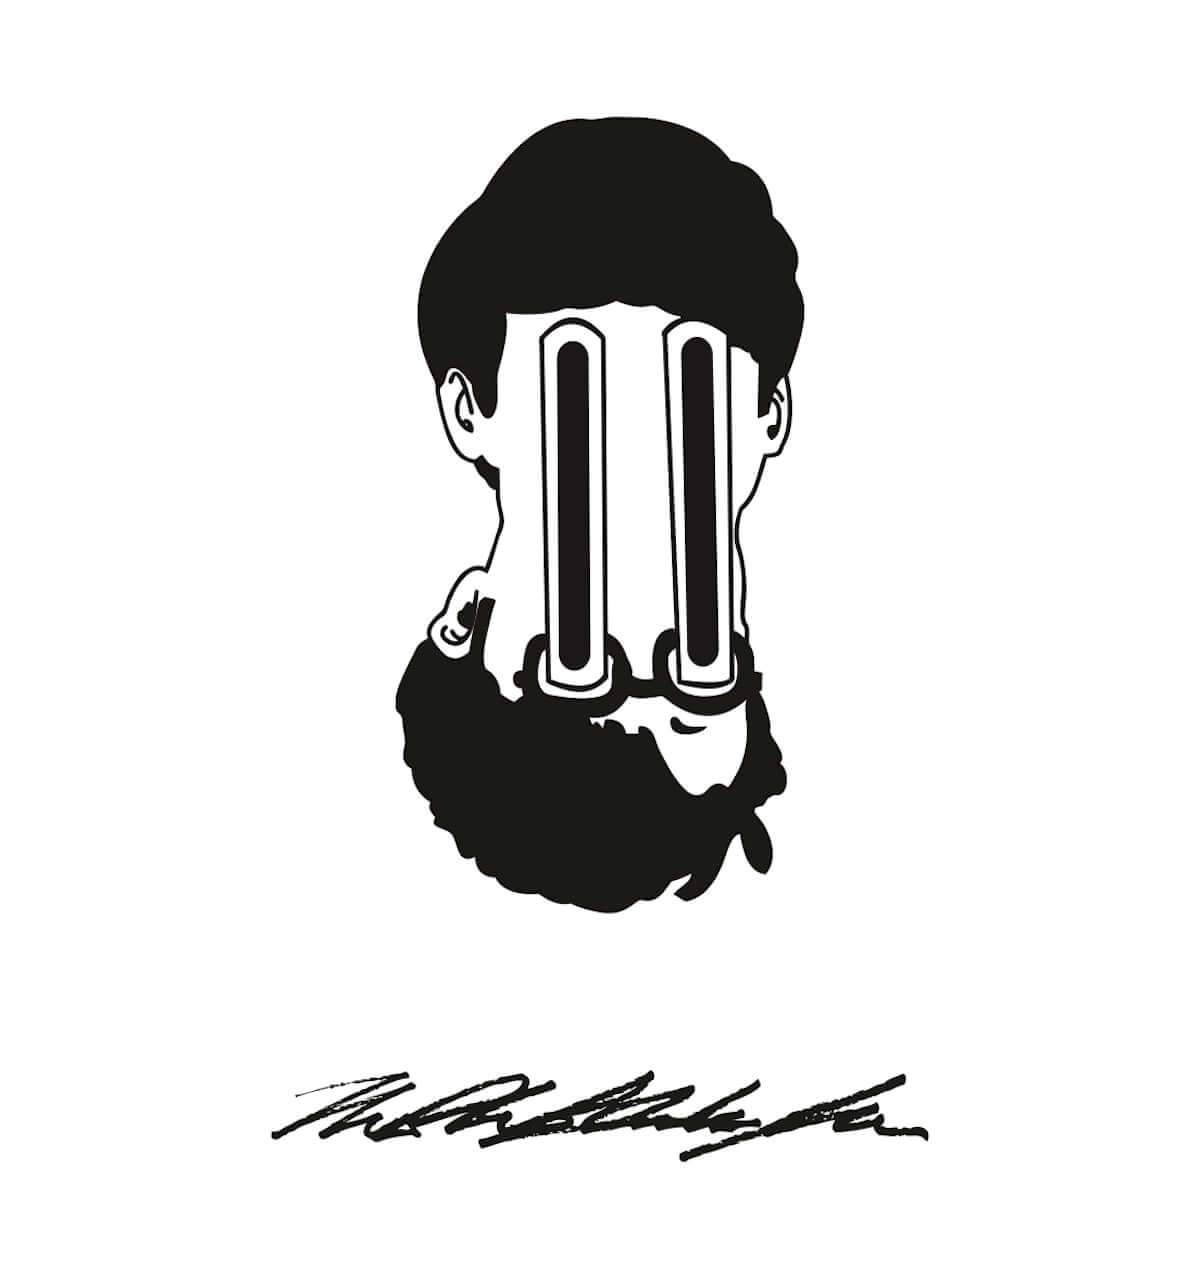 アジカン後藤正文主宰〈only in dreams〉のコンピの聴きどころを、後藤自身を始め、ニック・ムーン、Okada Takuroら各アーティストが語る! music181022_oid_06-1200x1280